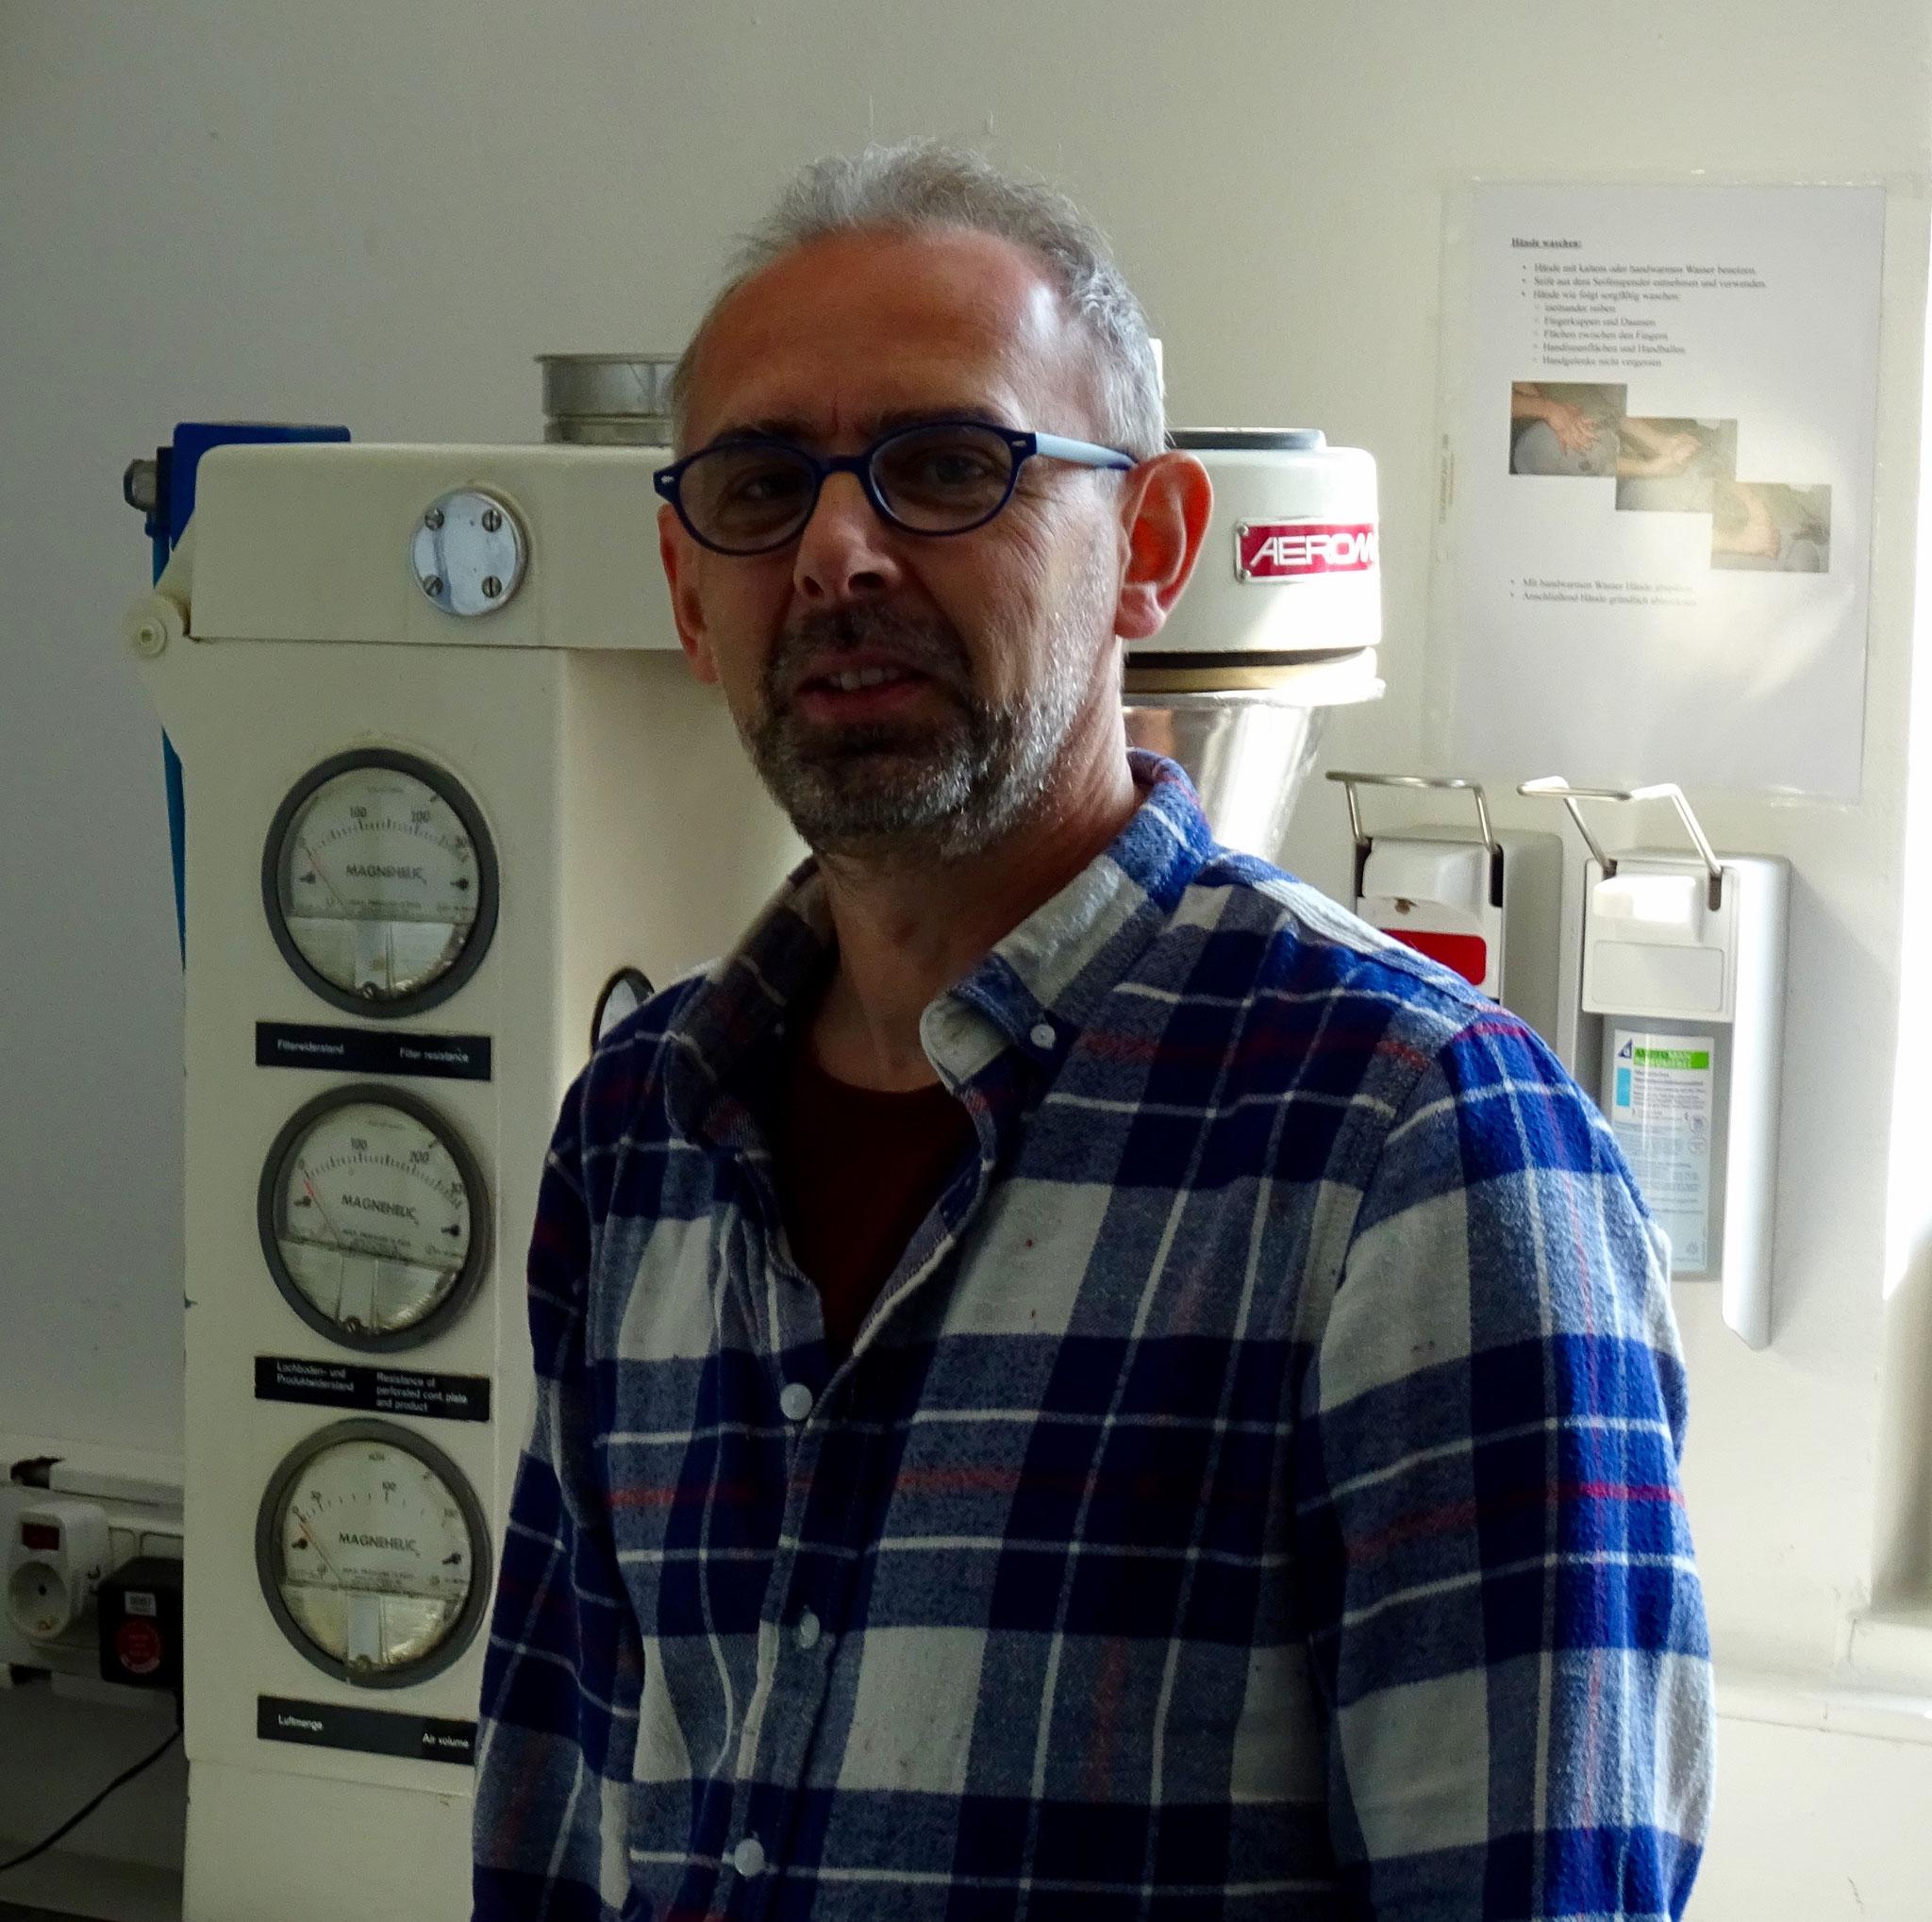 Reinhold Weinfurter, - Herstellungsleiter bei P4M GmbH